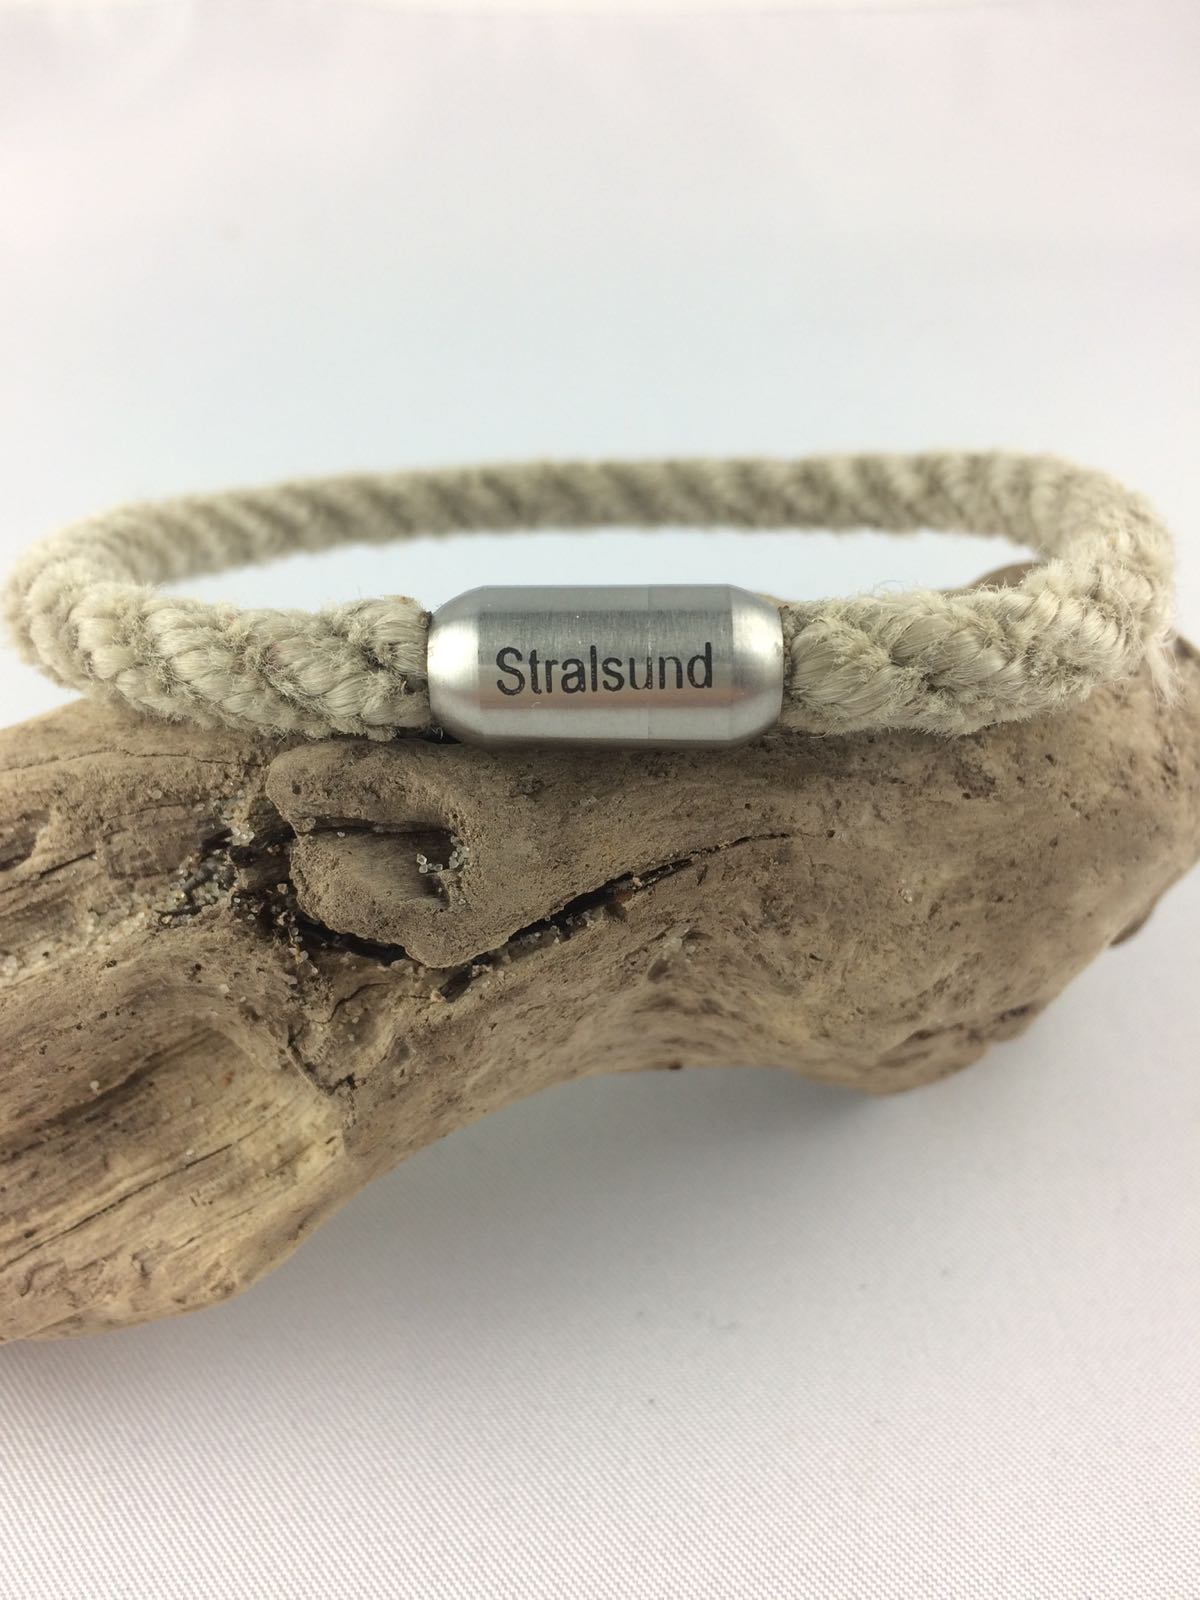 Fischereidesign - Armband Stralsund als Wort, 6 mm, Edelstahlmagnetverschluss